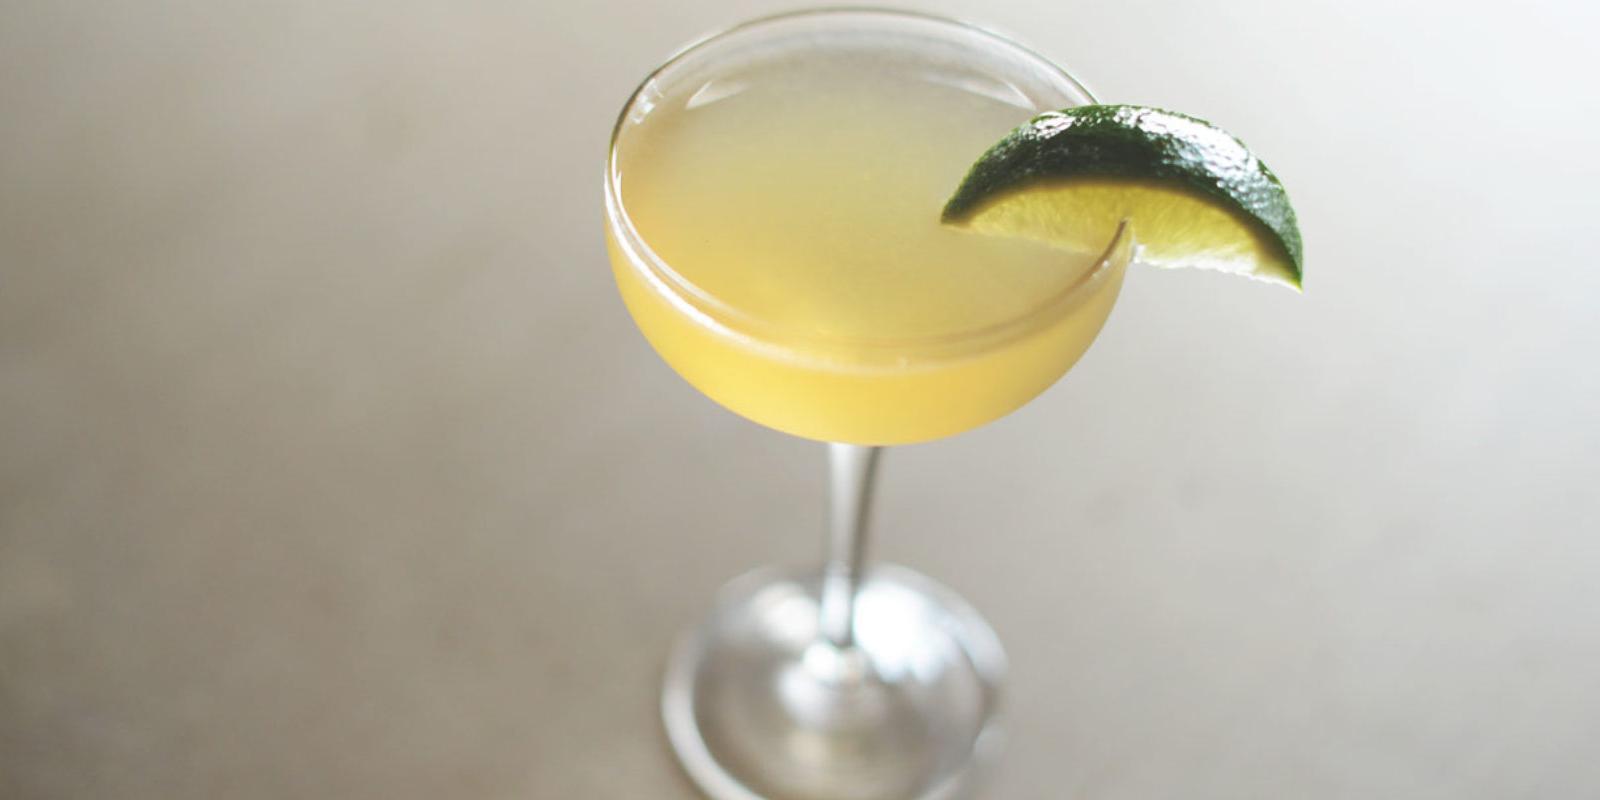 Image décrivant le produit Daiquiri qui fait partie des Cocktails